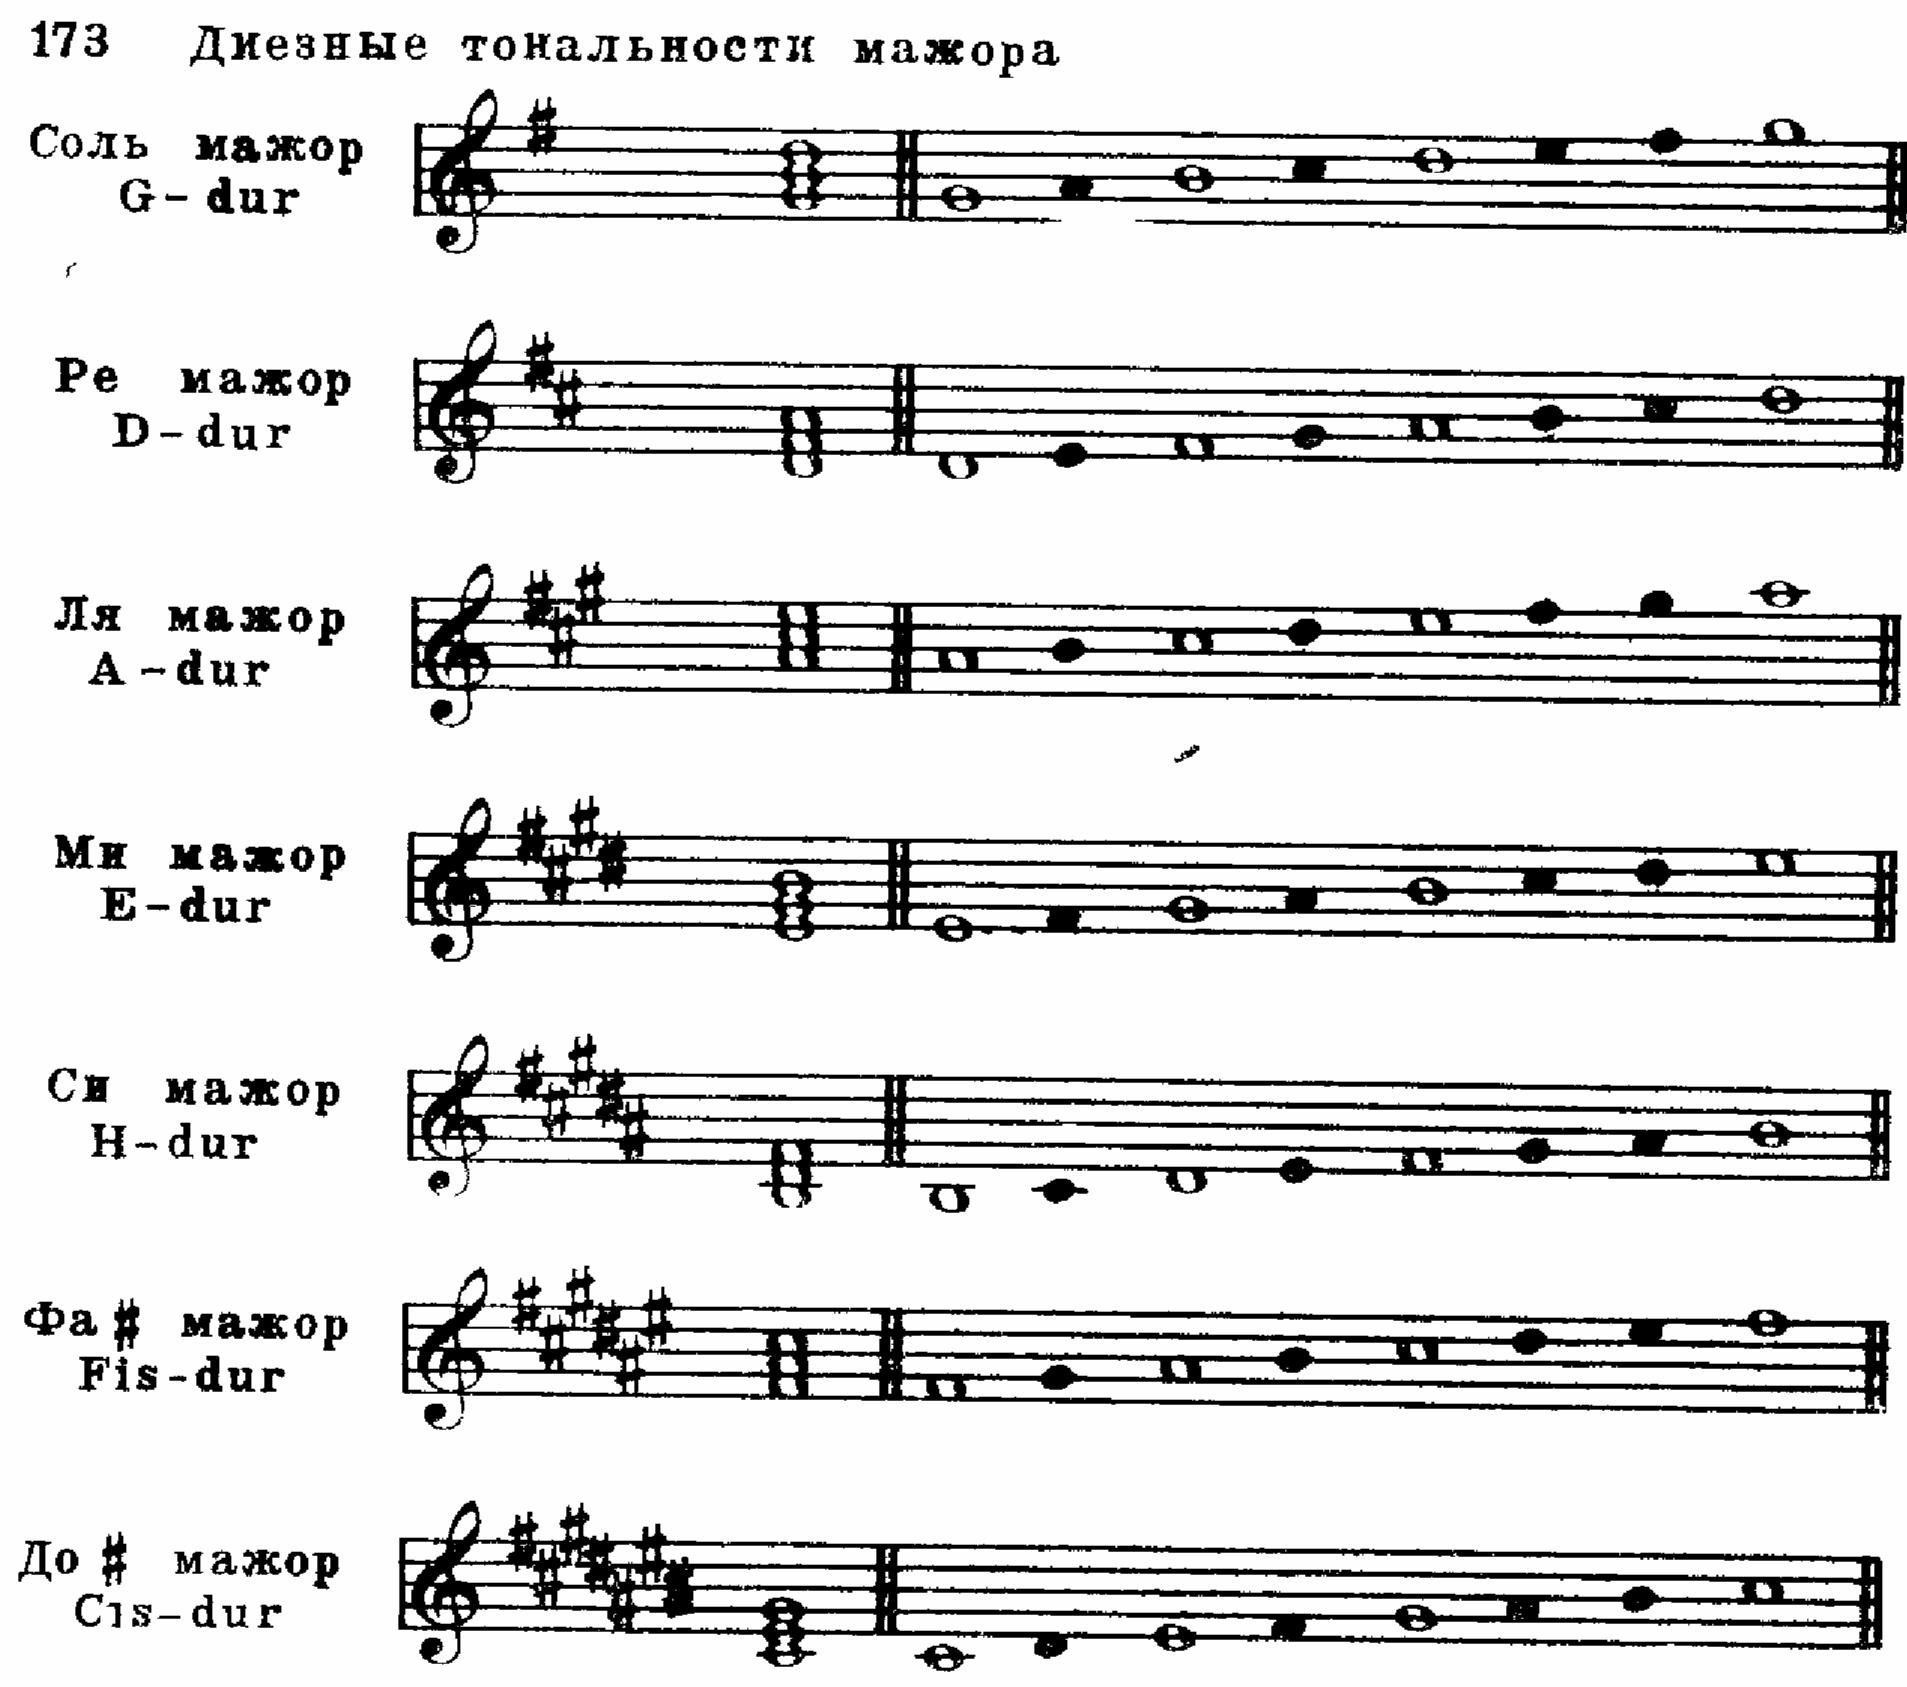 Тональность. основные аккорды тональностей. что такое тональность?, на гитаре